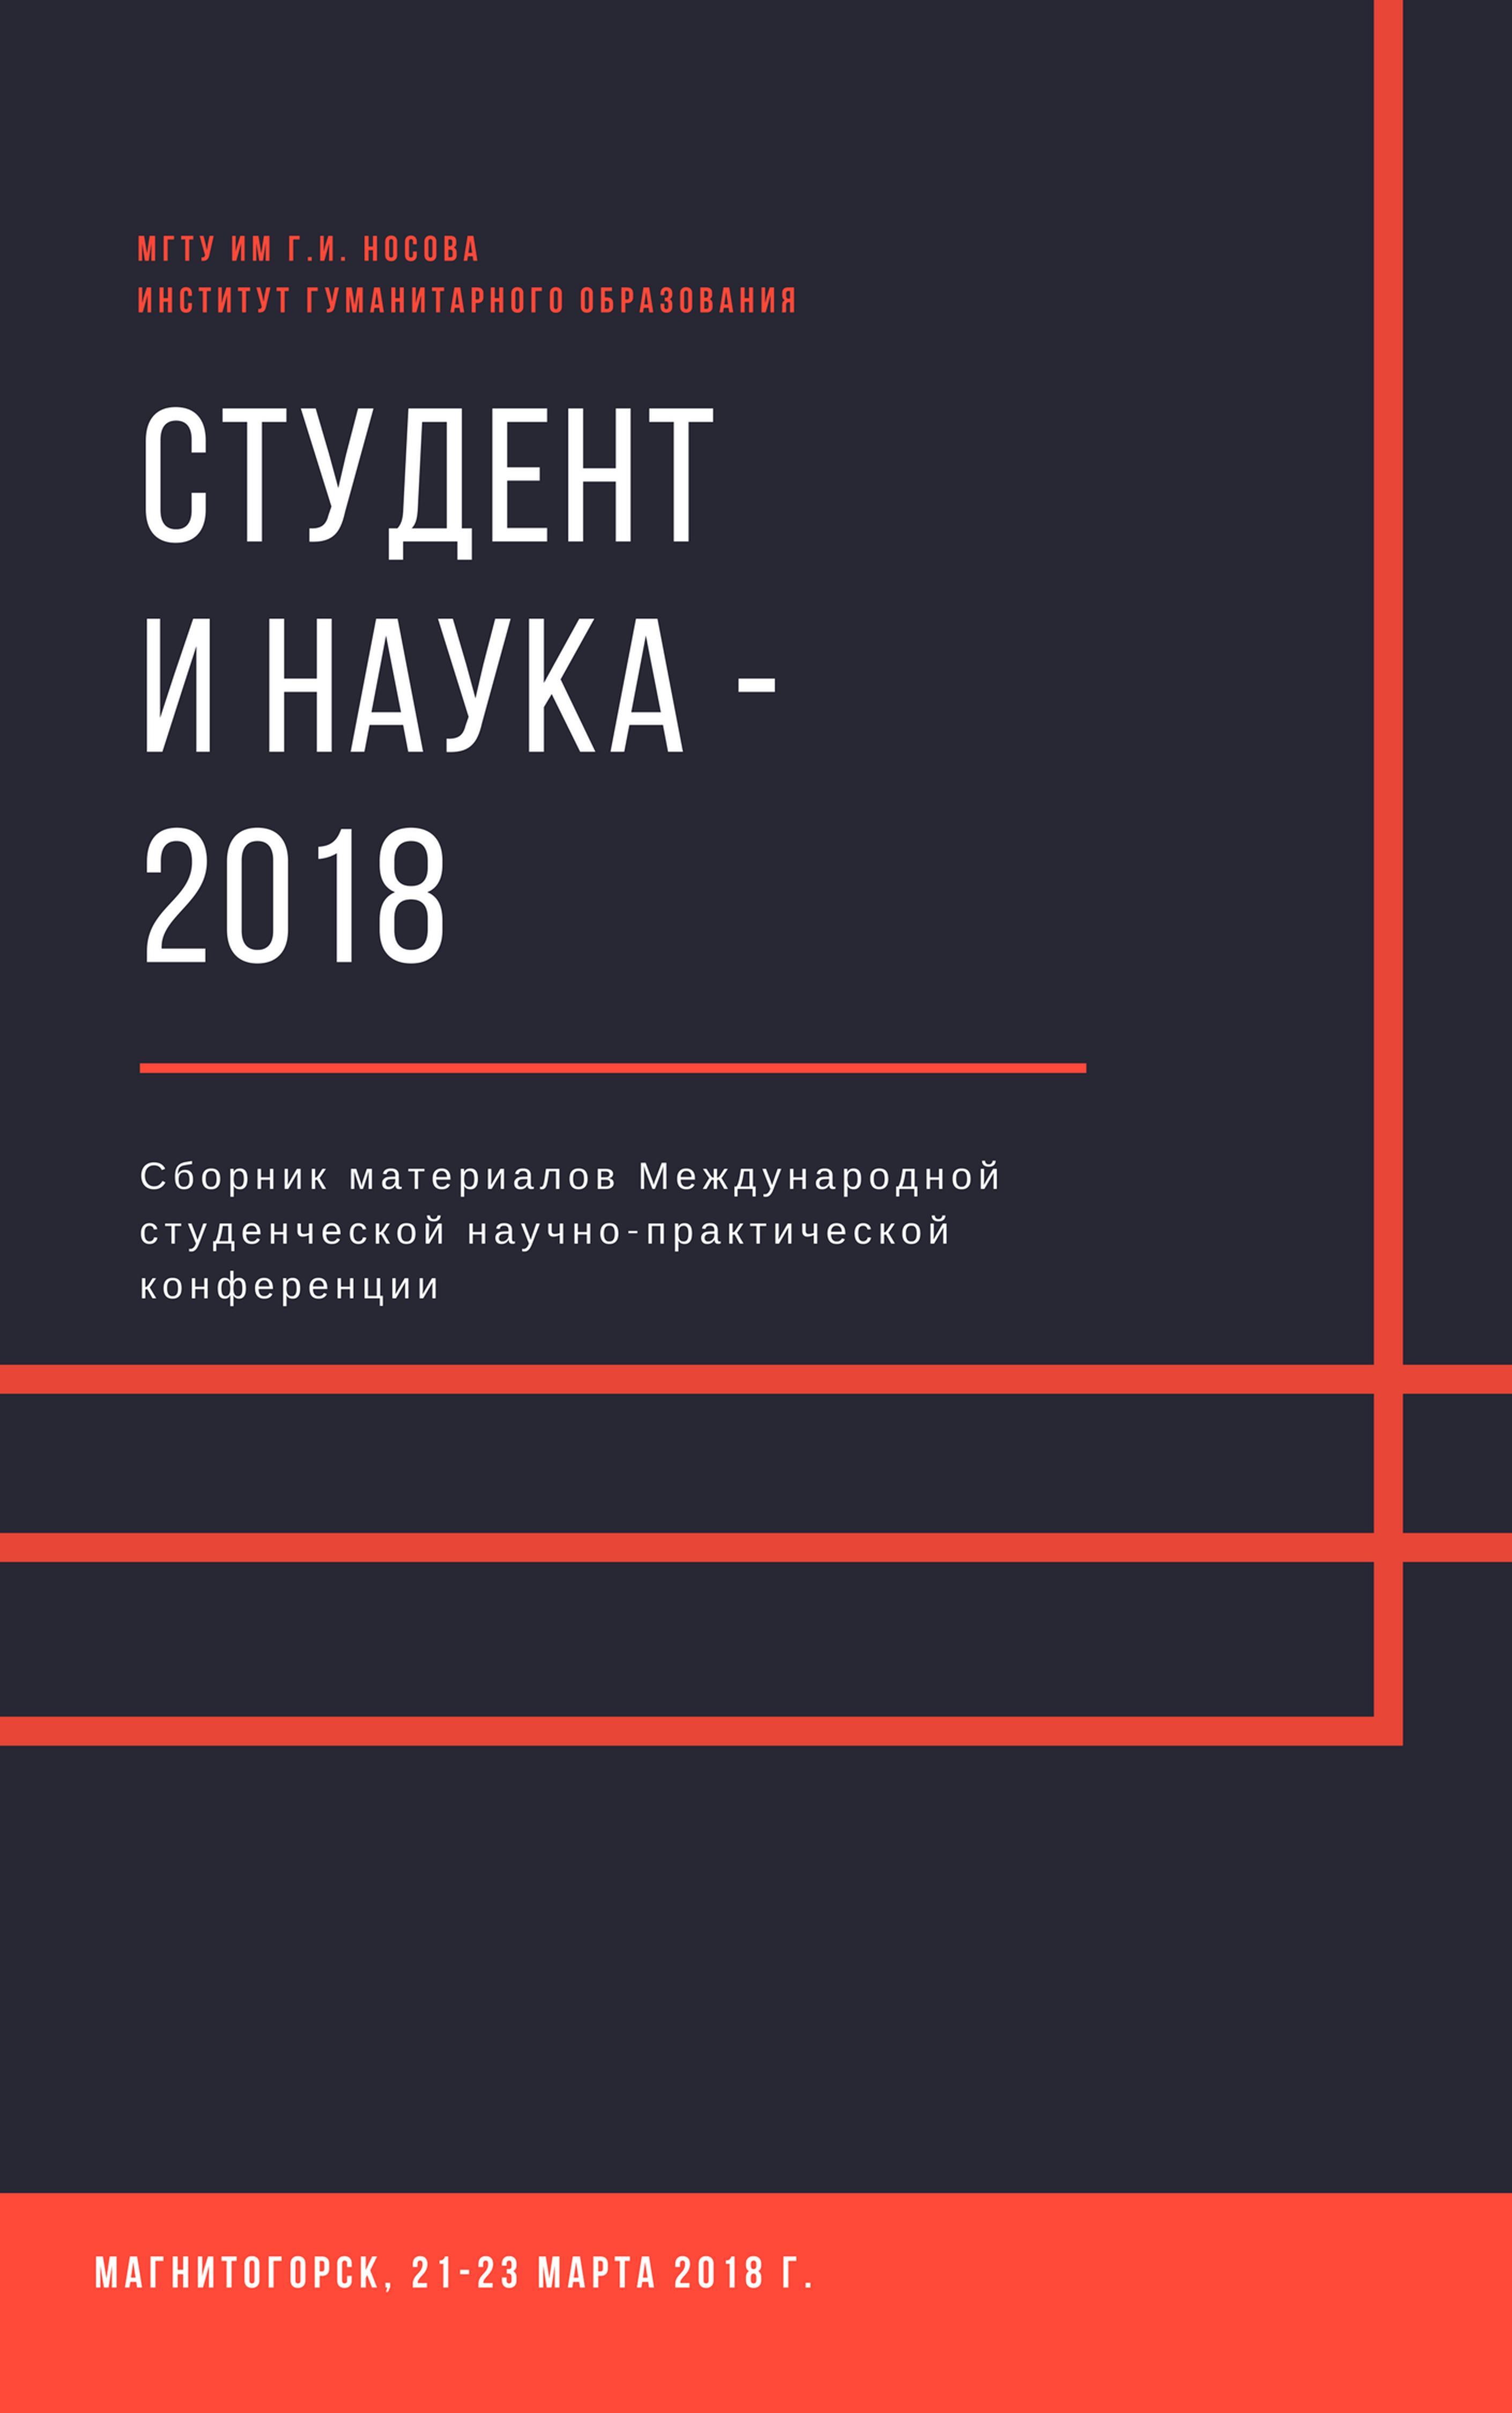 Реакция нижегородской молодёжи на изменение системы городского транспорта